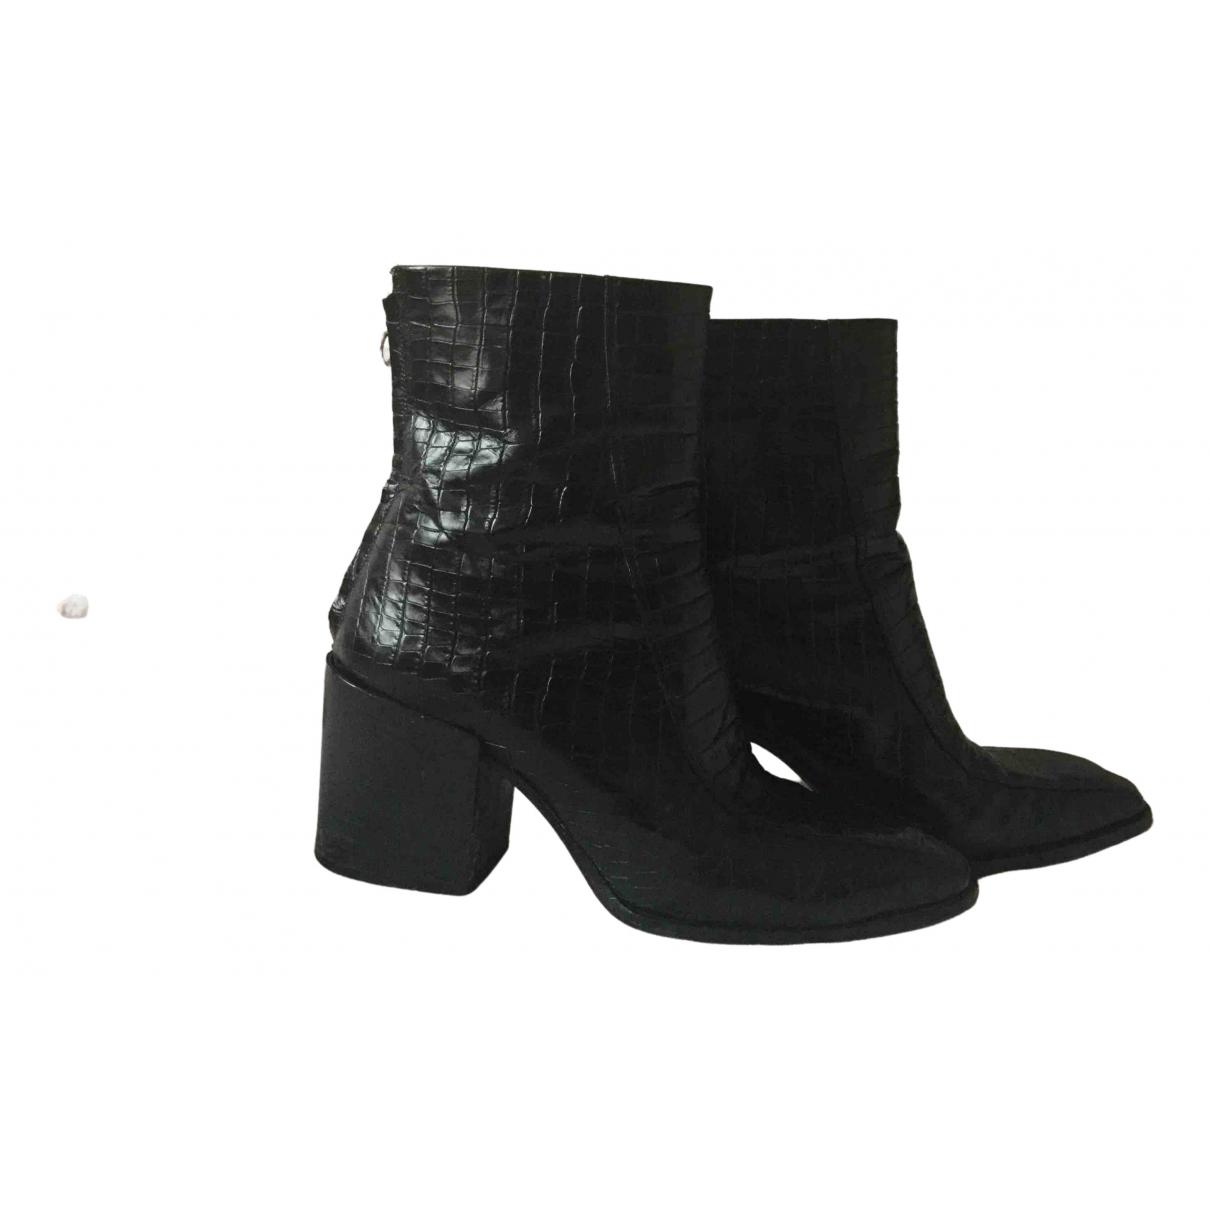 Aeyde - Boots   pour femme en cuir - noir